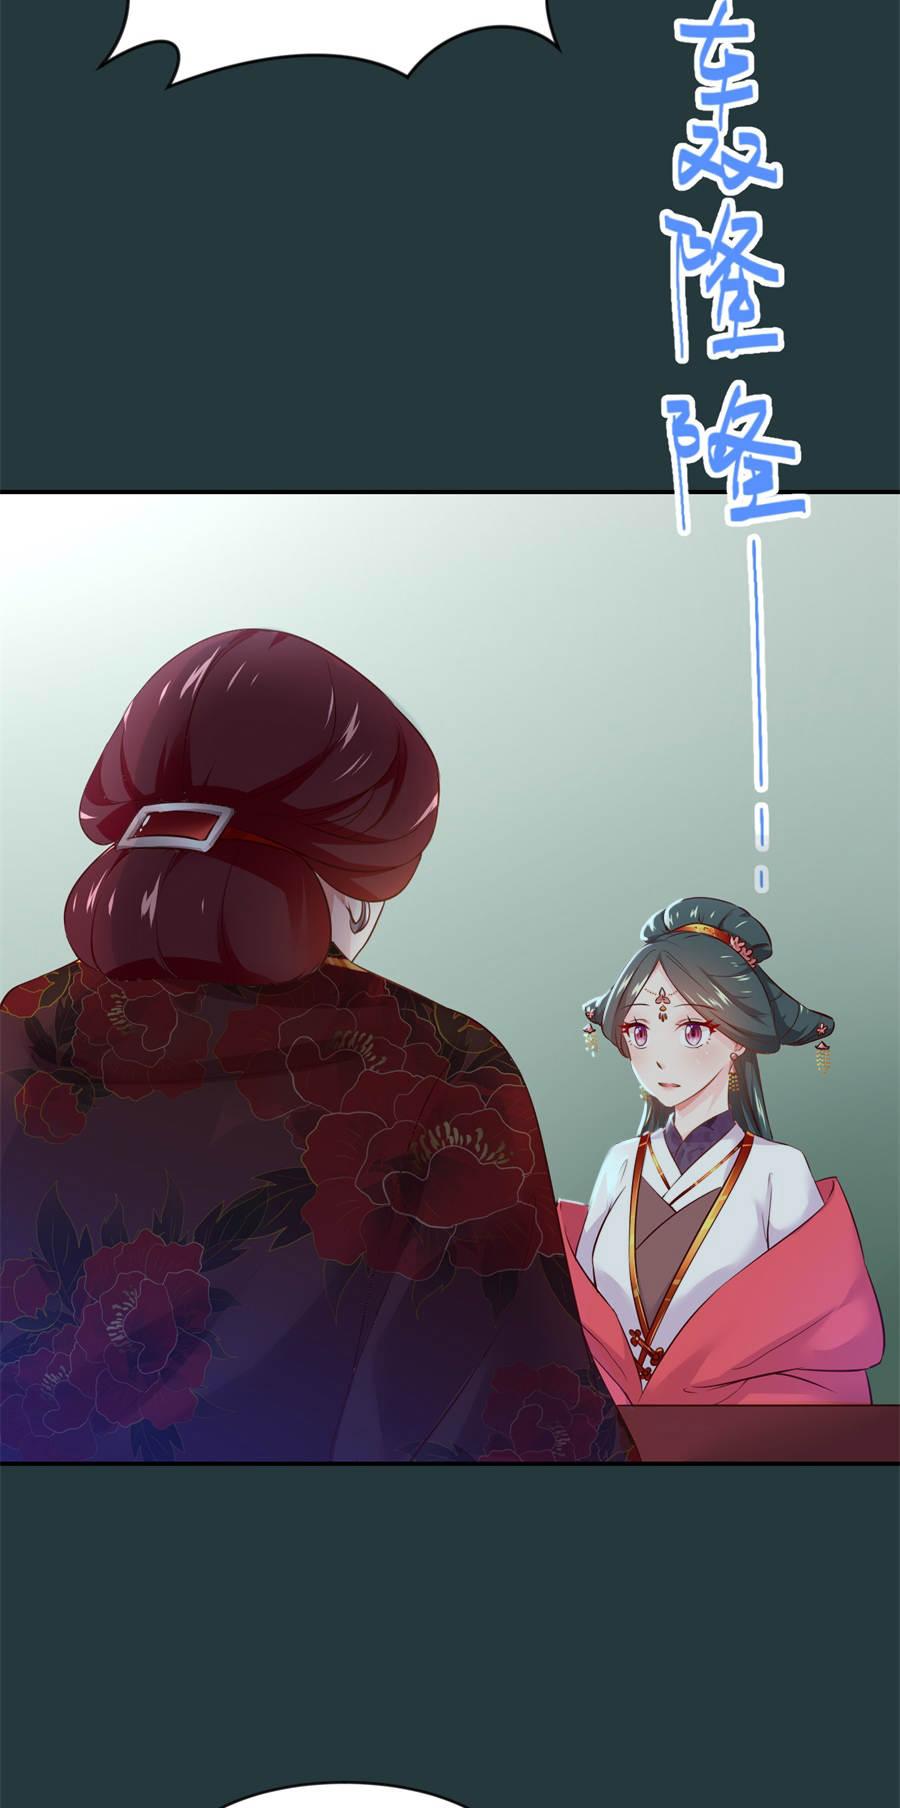 盛世帝王妃第80话  未来婆婆发怒了 第 22